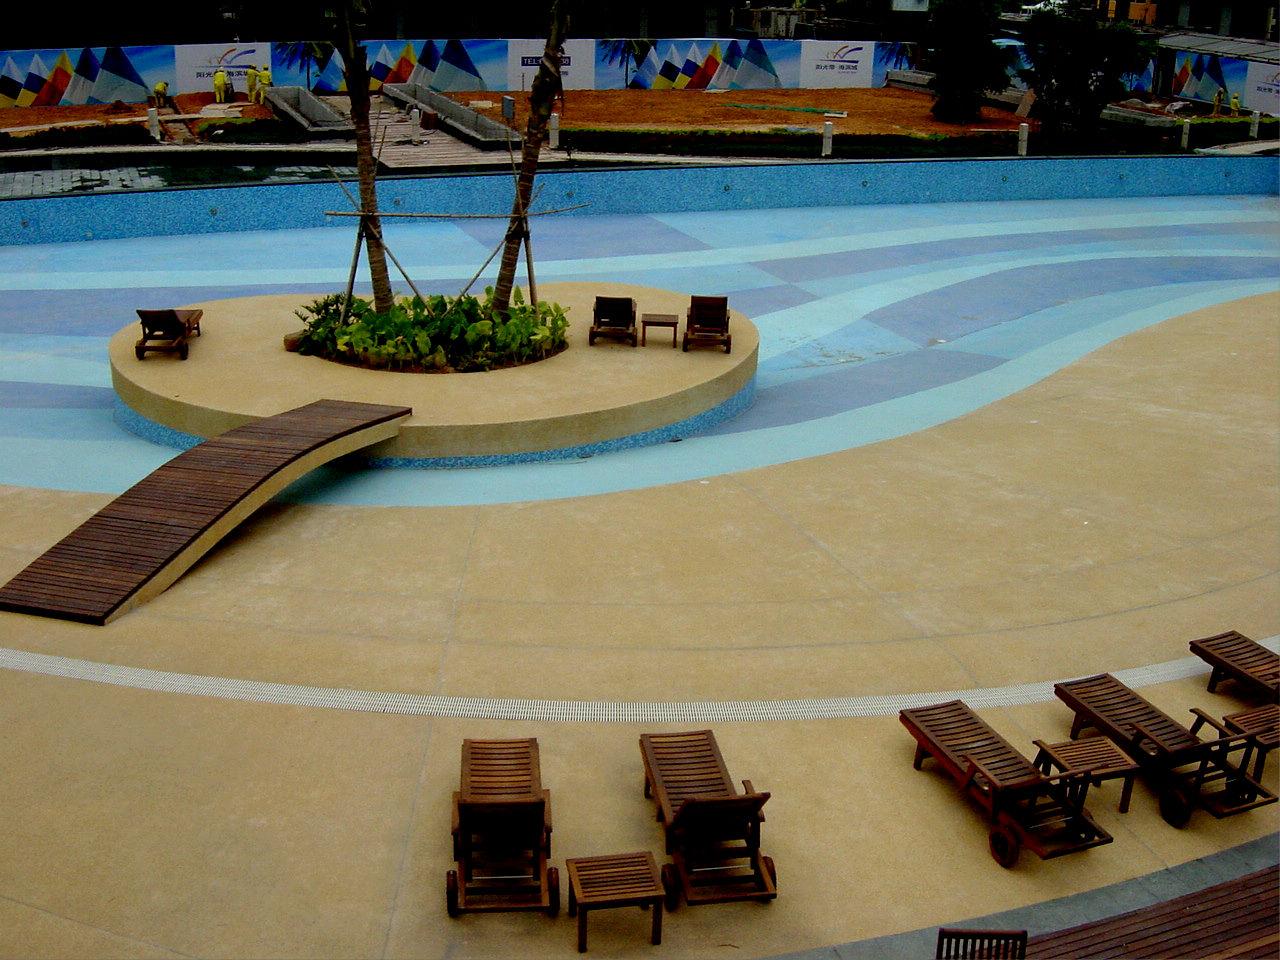 池中岛,小桥,躺椅,室外防沙滩游泳池